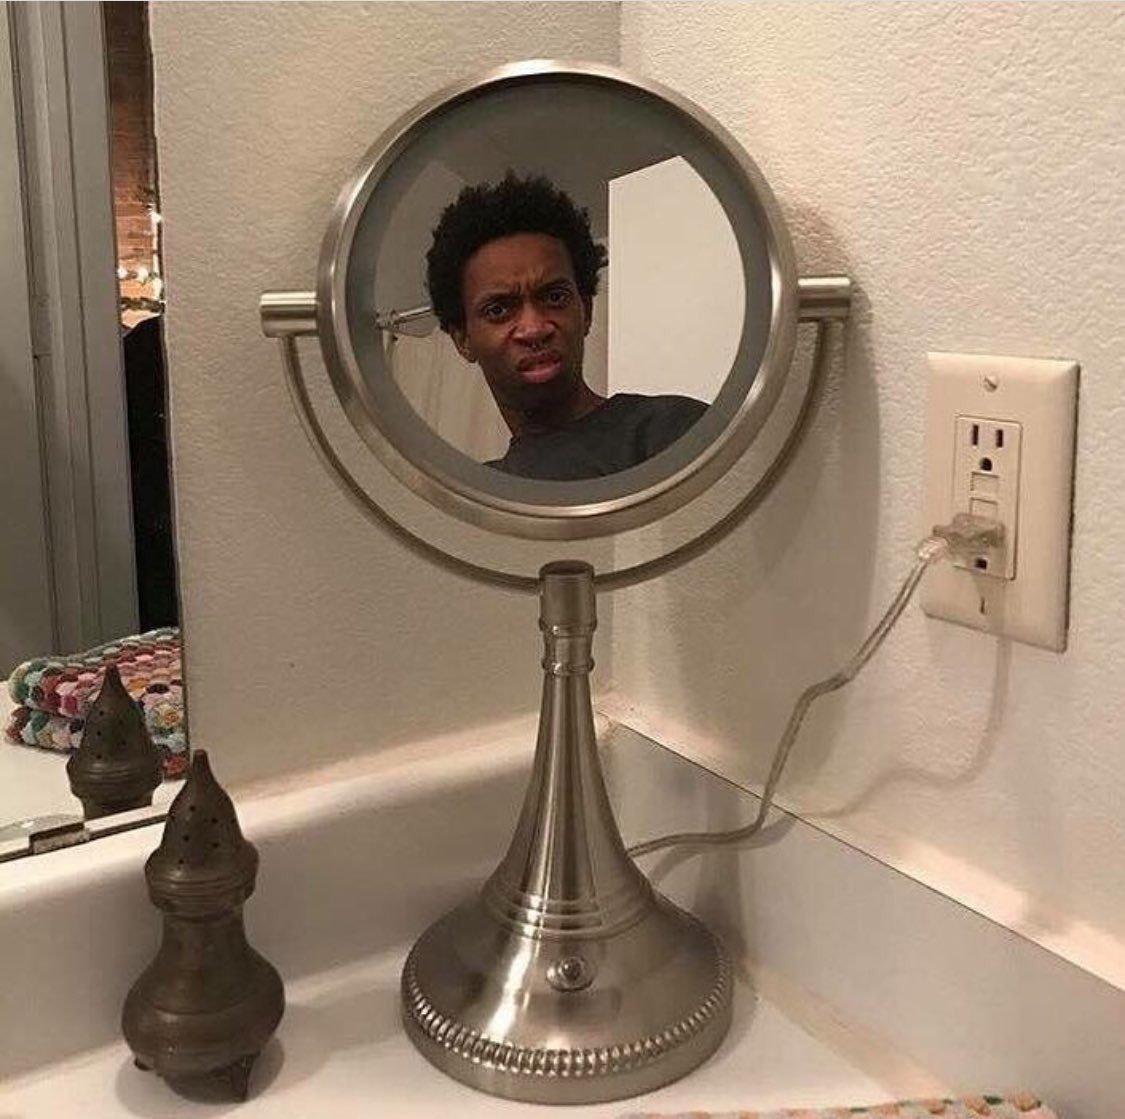 держит смешные фото с отражения зеркал срочно перерывать